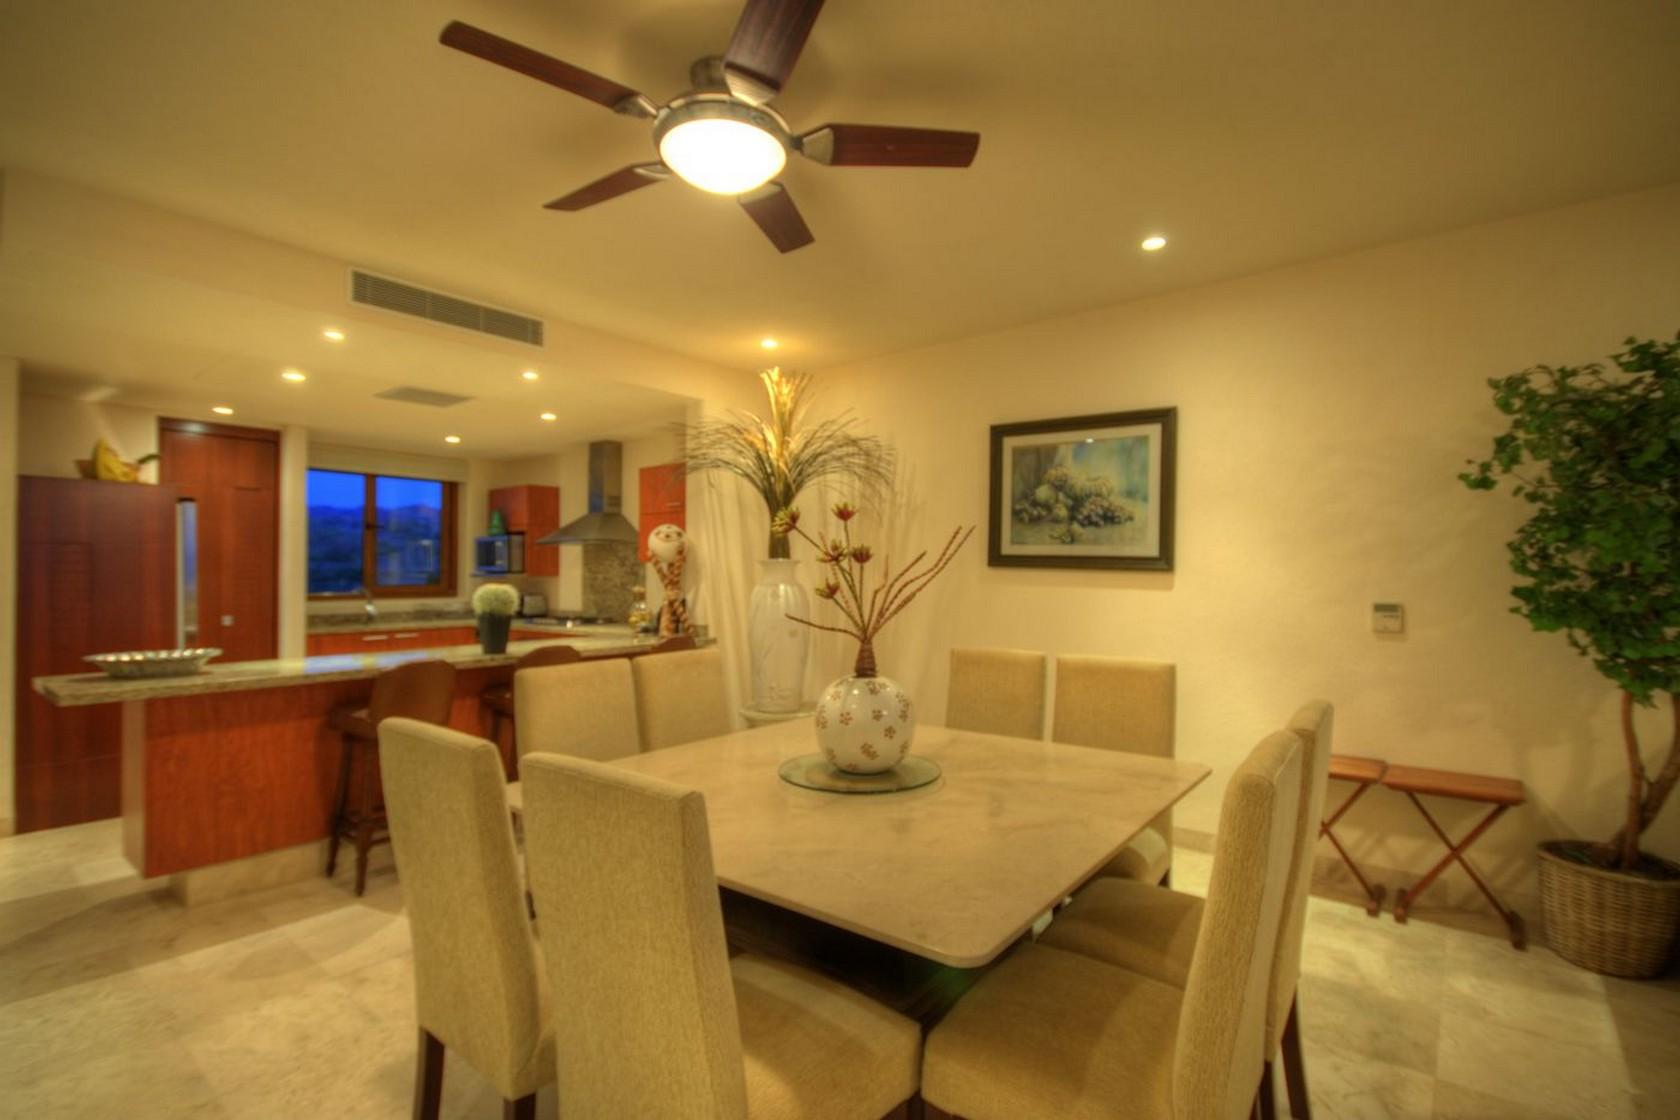 Comedor y cocina Departamento en venta Punta Esmeralda Resort La Cruz de Huanacaxtle